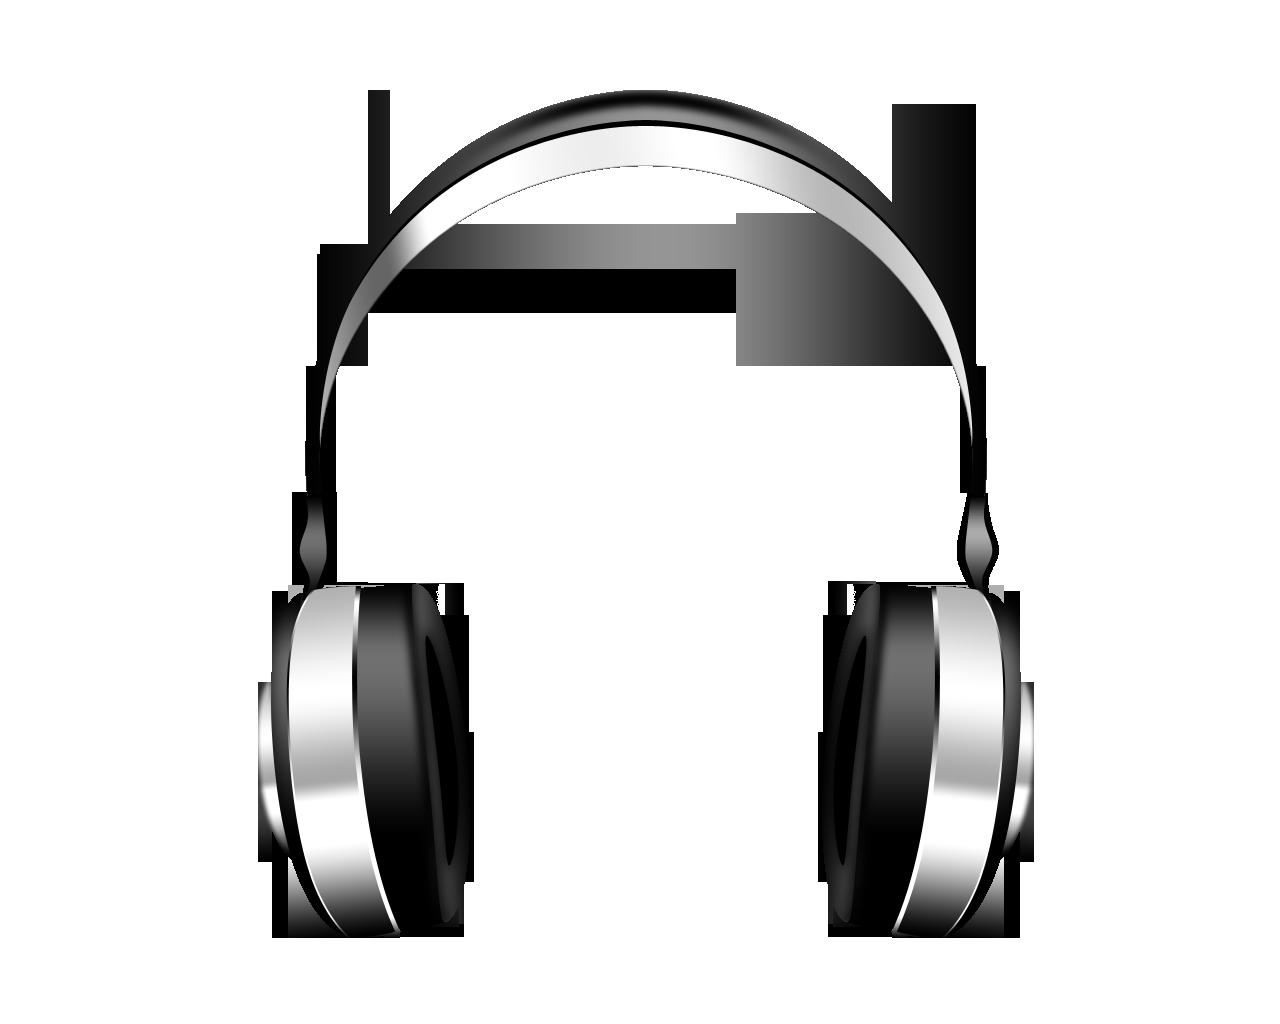 Beats clipart music headset Headphones image free Headphones download